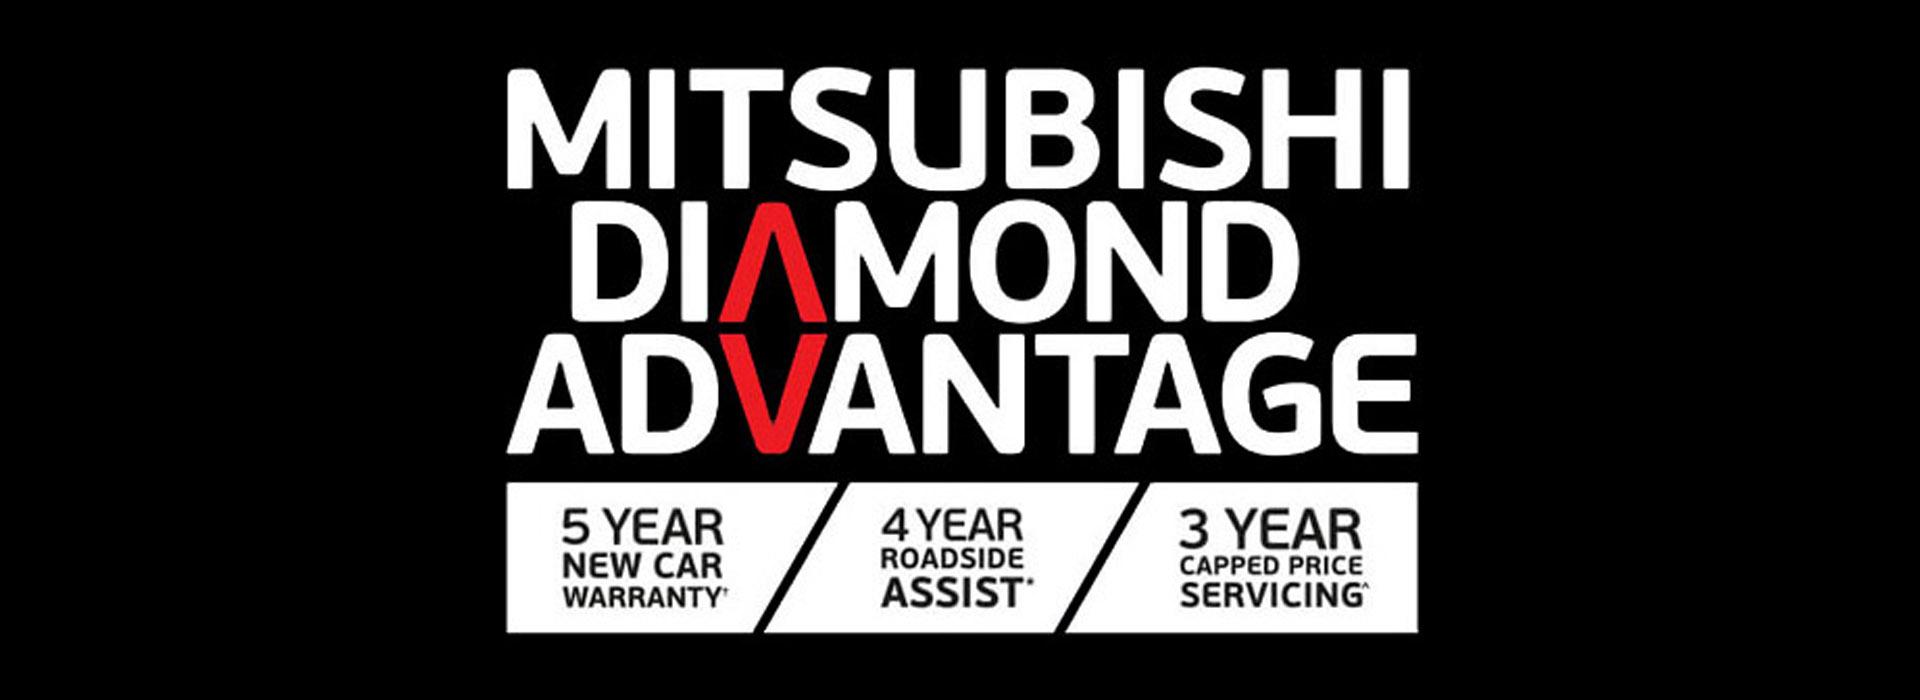 Mitsubishi-HPB-Diamond